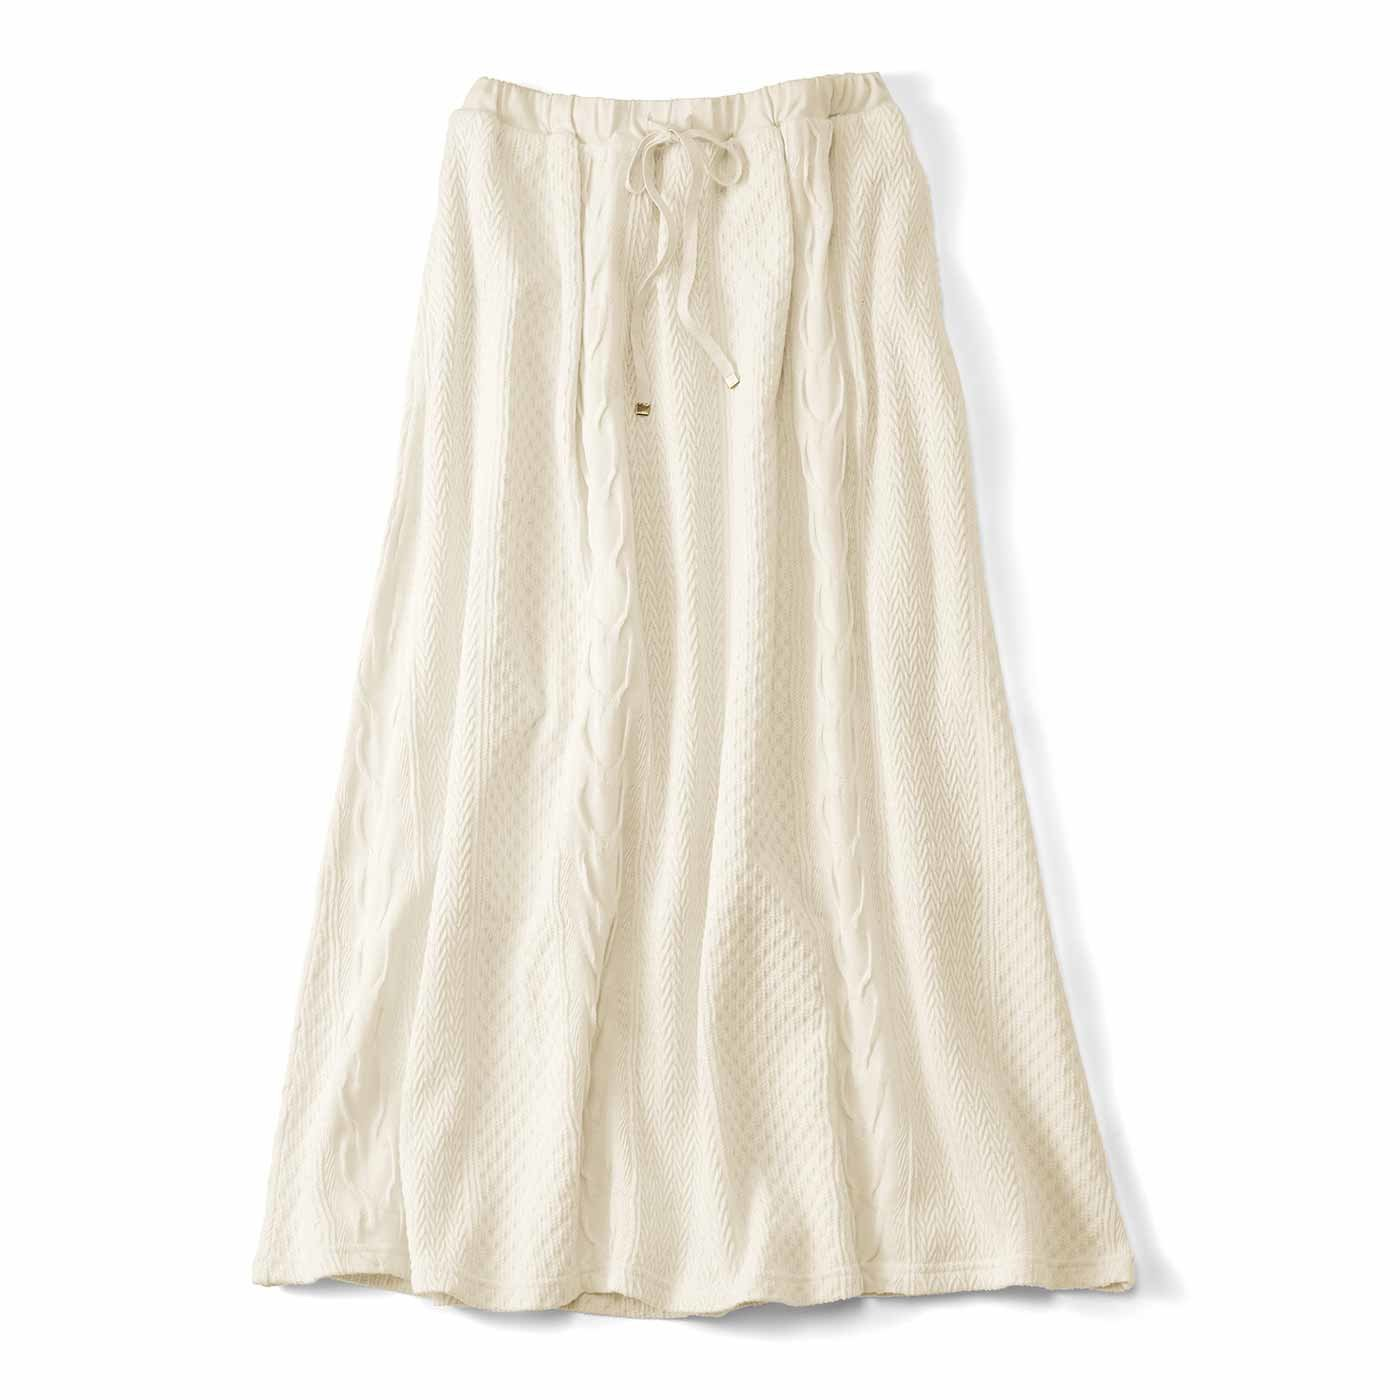 【3~10日でお届け】Live love cottonプロジェクト リブ イン コンフォート 編み柄が素敵なオーガニックコットンロングスカート〈アイボリー〉